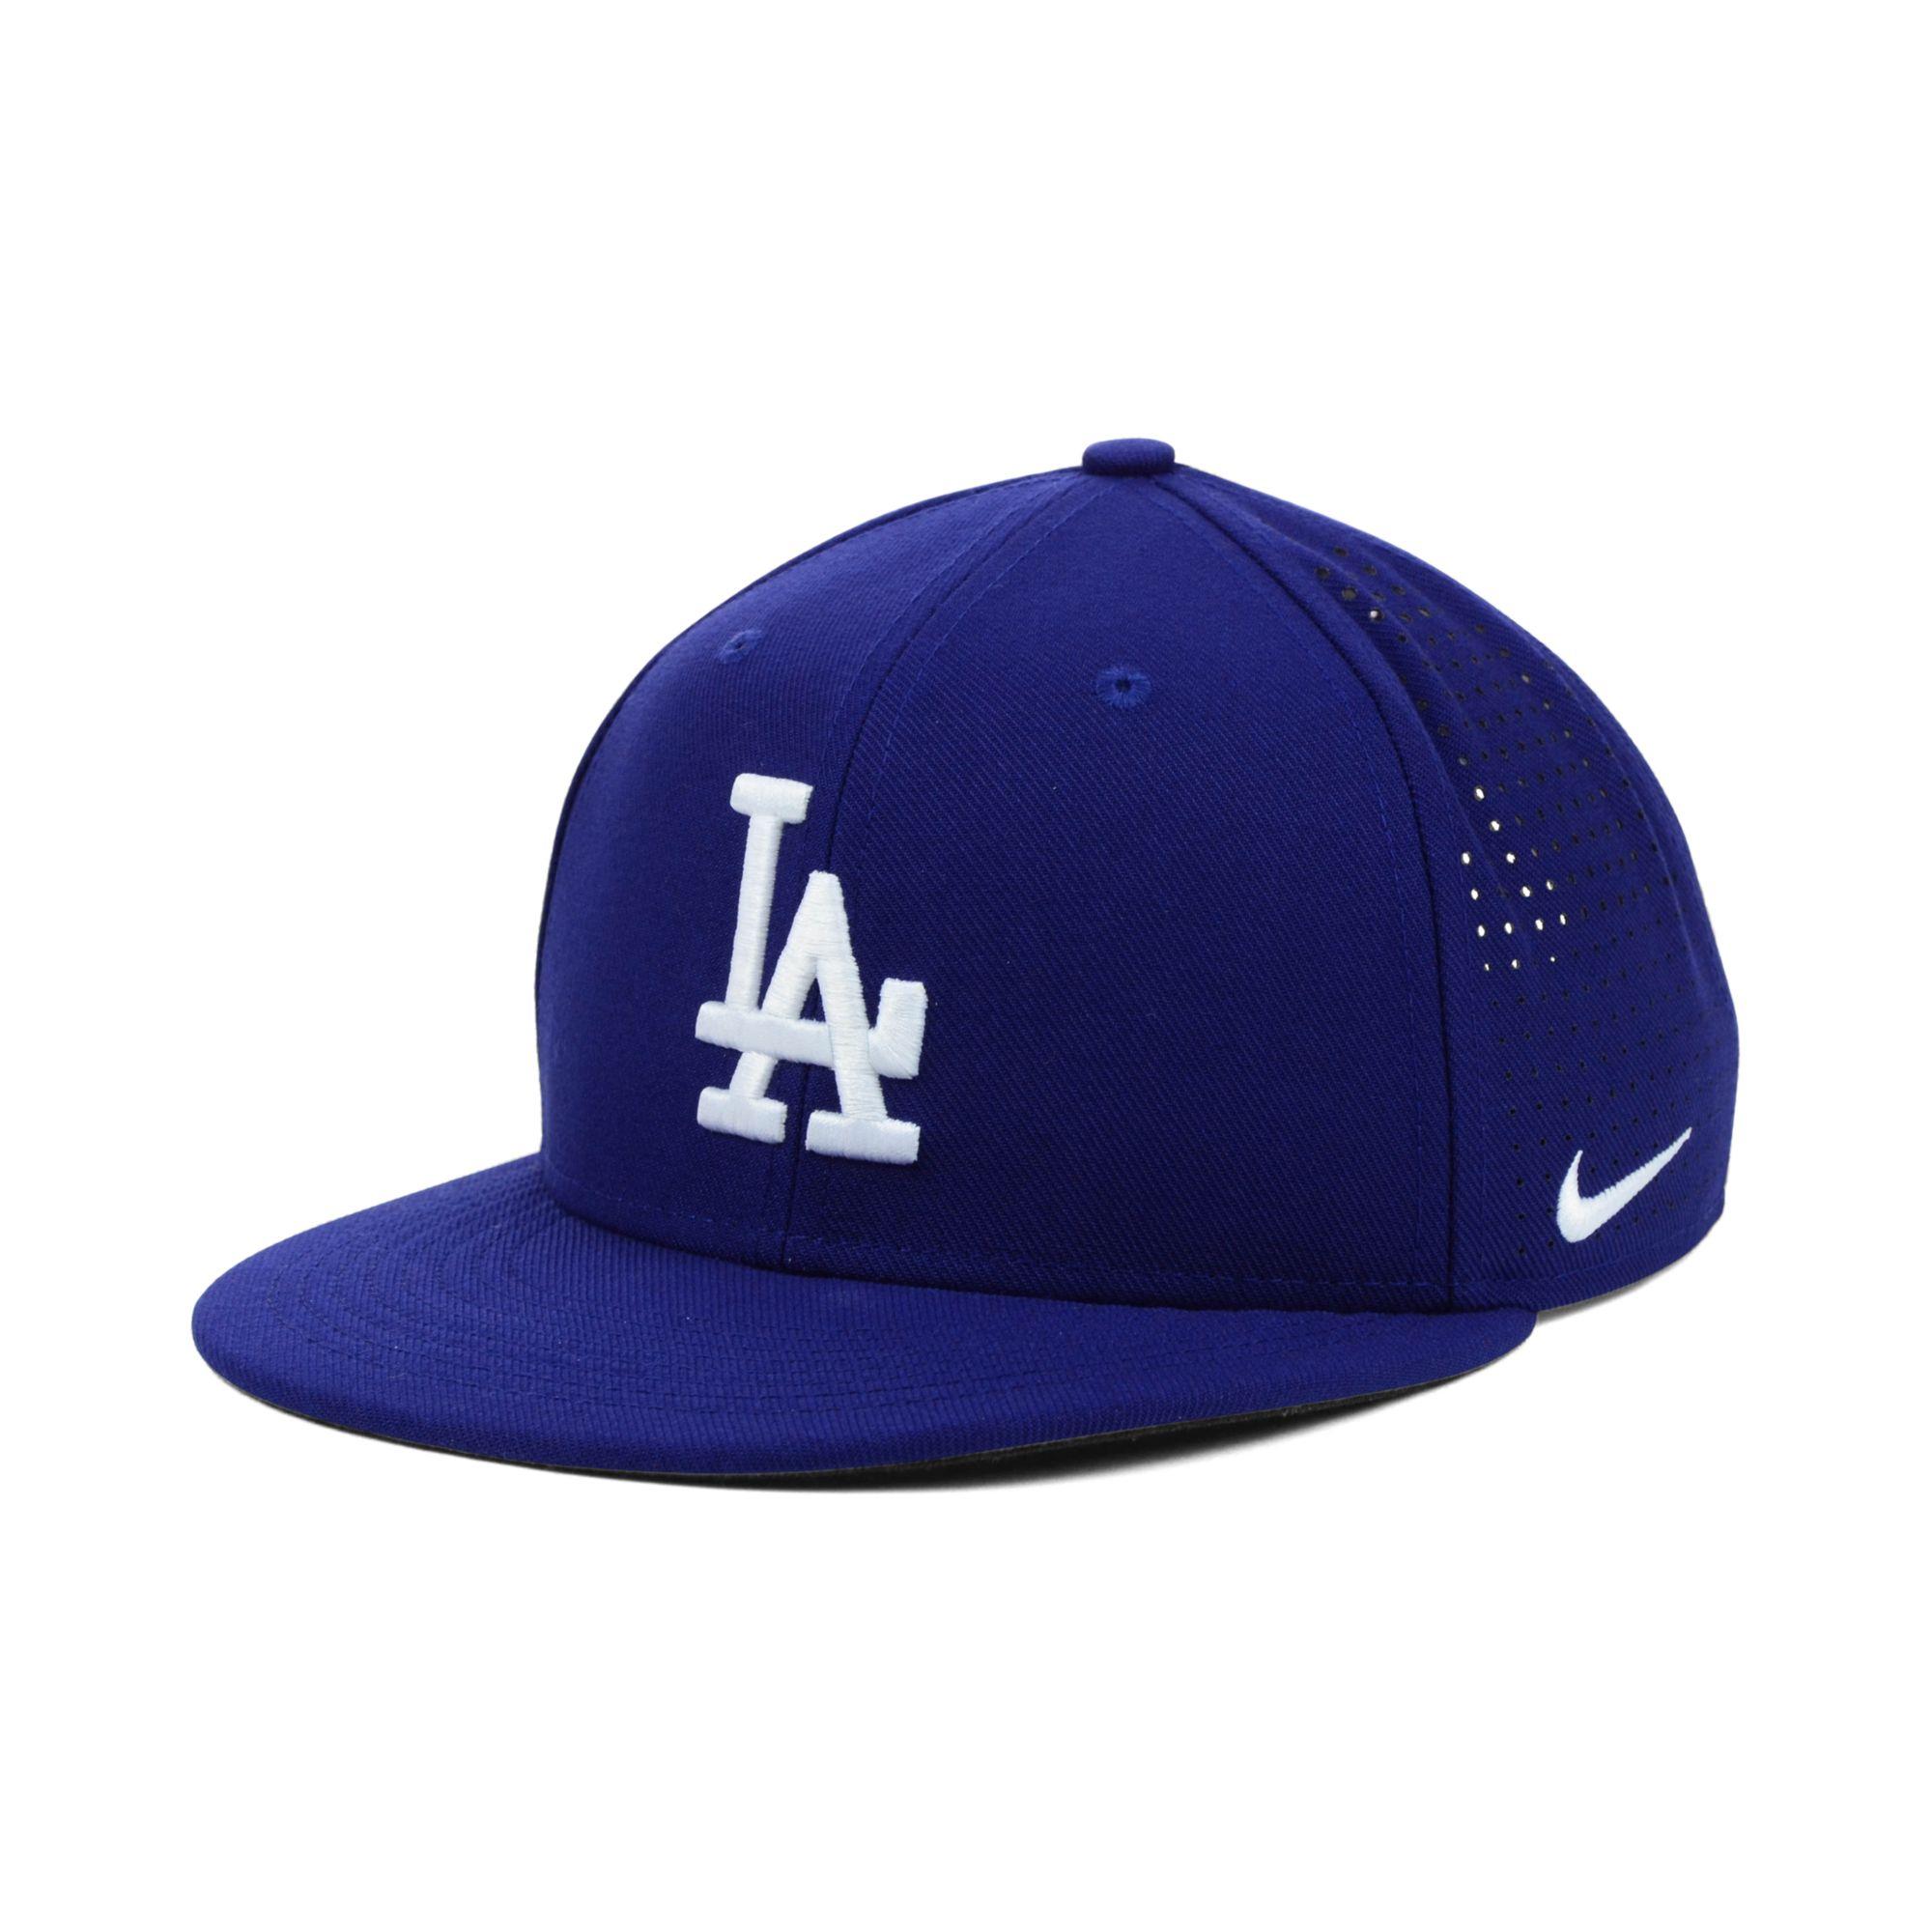 Lyst - Nike Los Angeles Dodgers Drifit Vapor Adjustable Cap in Blue ... 70678263af6